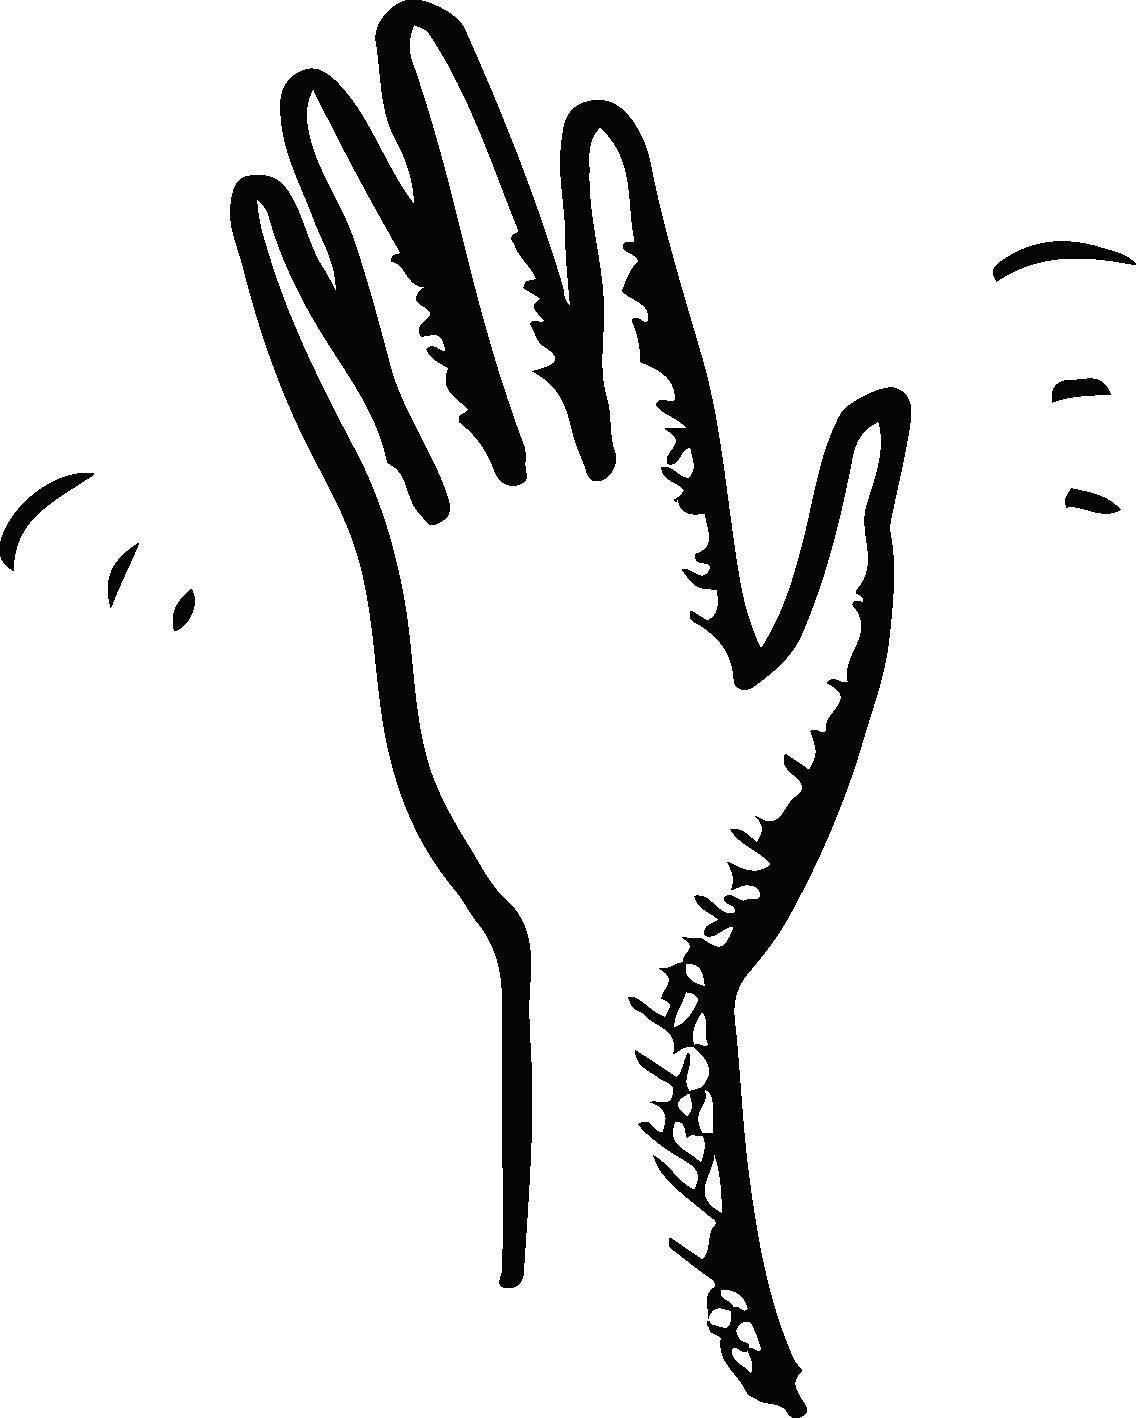 hand waving drawing - HD1136×1418